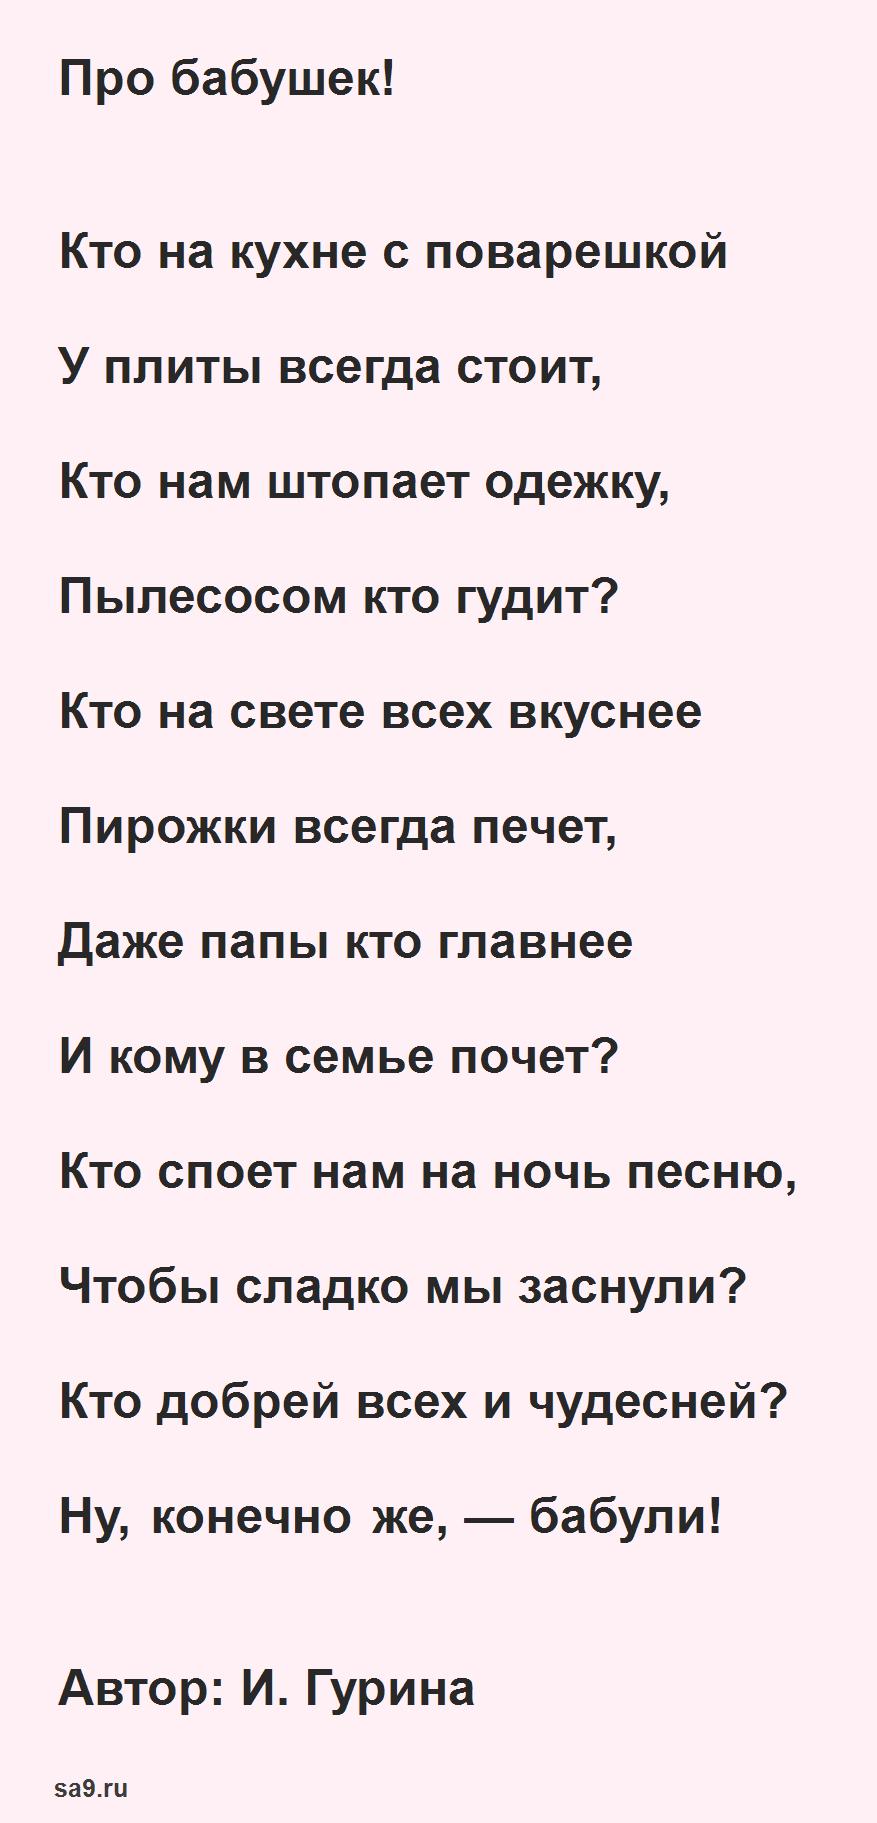 8 Марта - Международный женский день, стихи для детей 5 лет